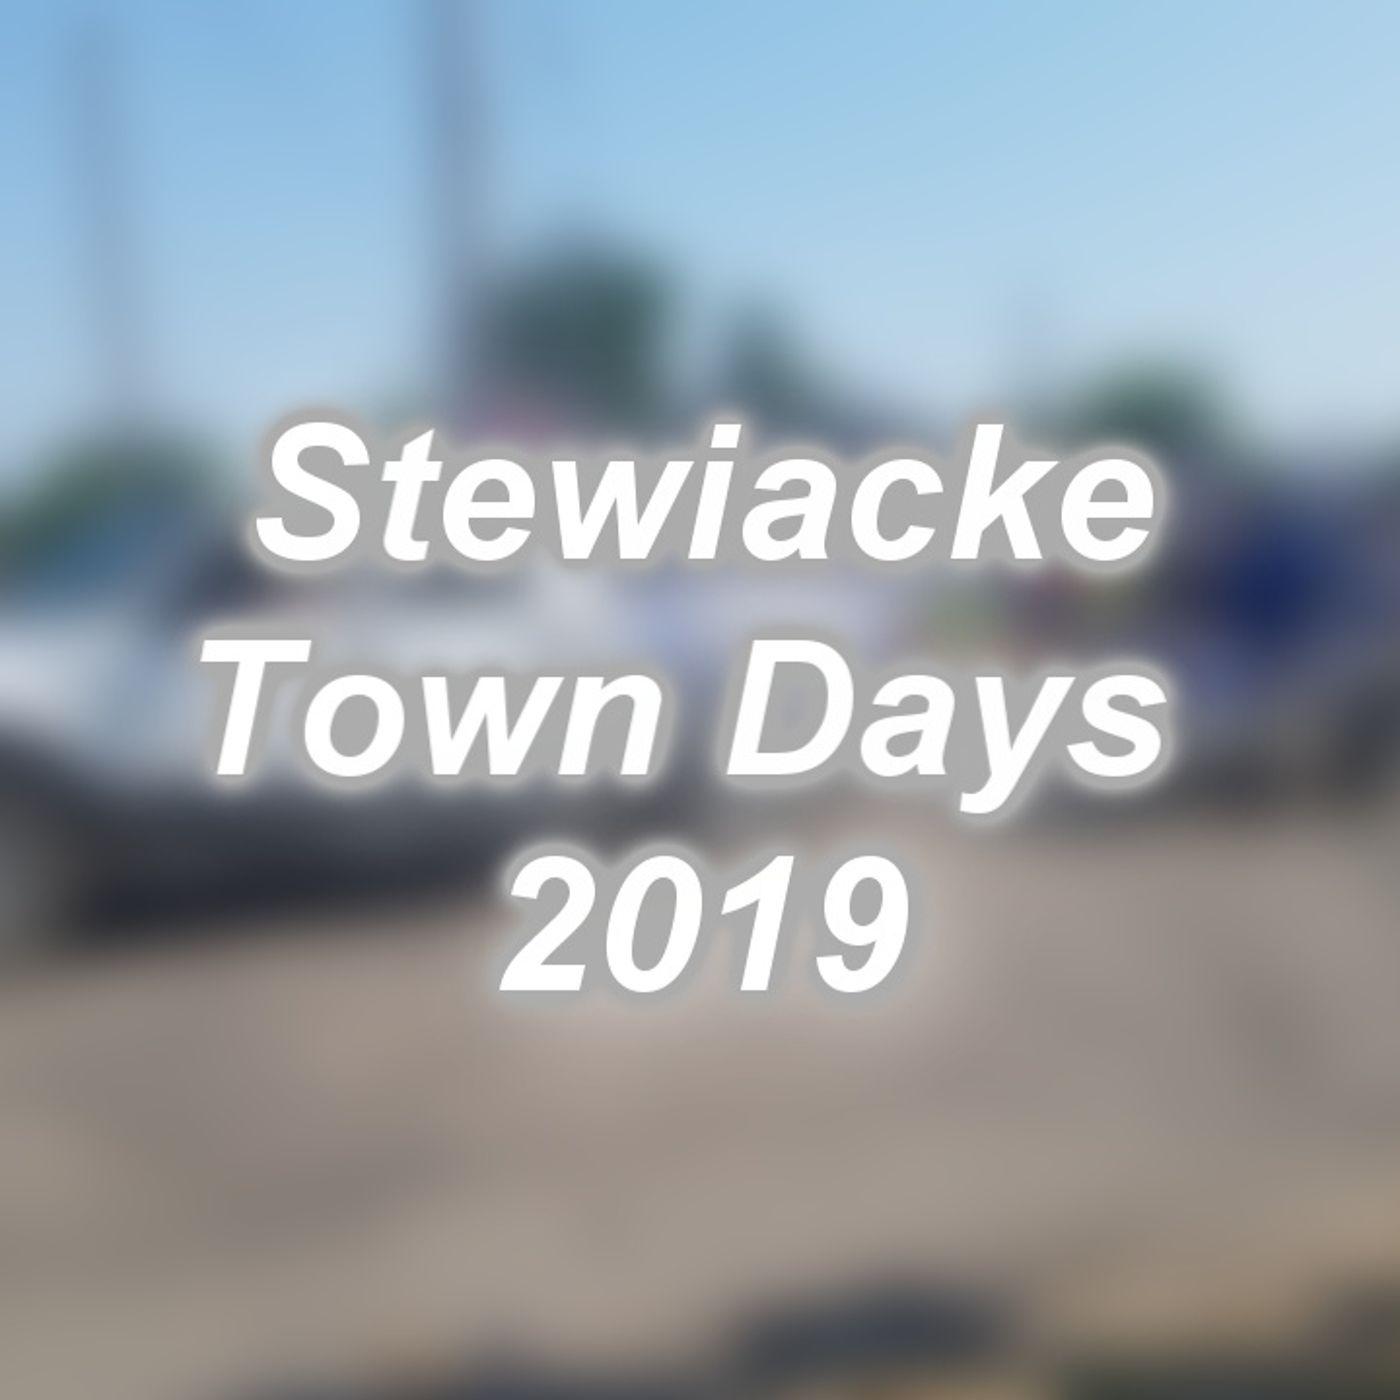 Stewiacke Town Days